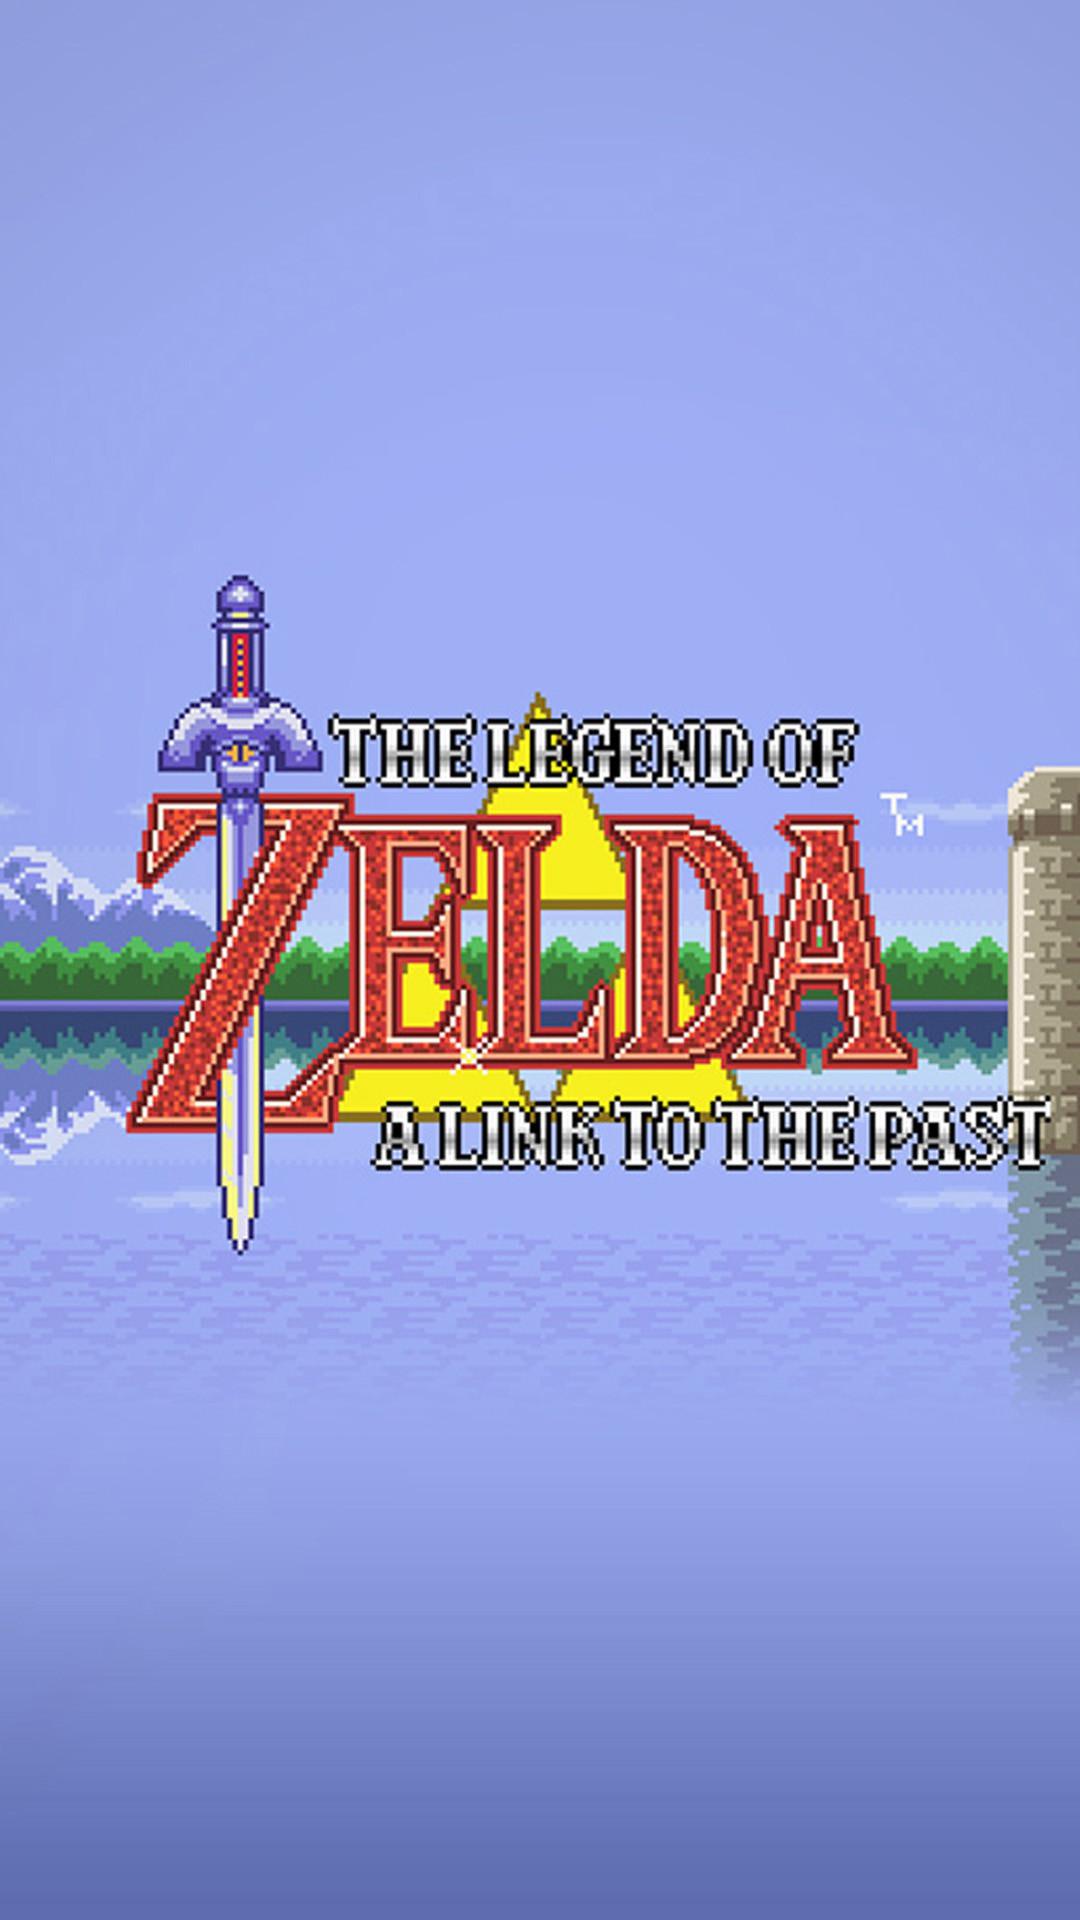 Legend of Zelda iPad Wallpaper 1080×1920